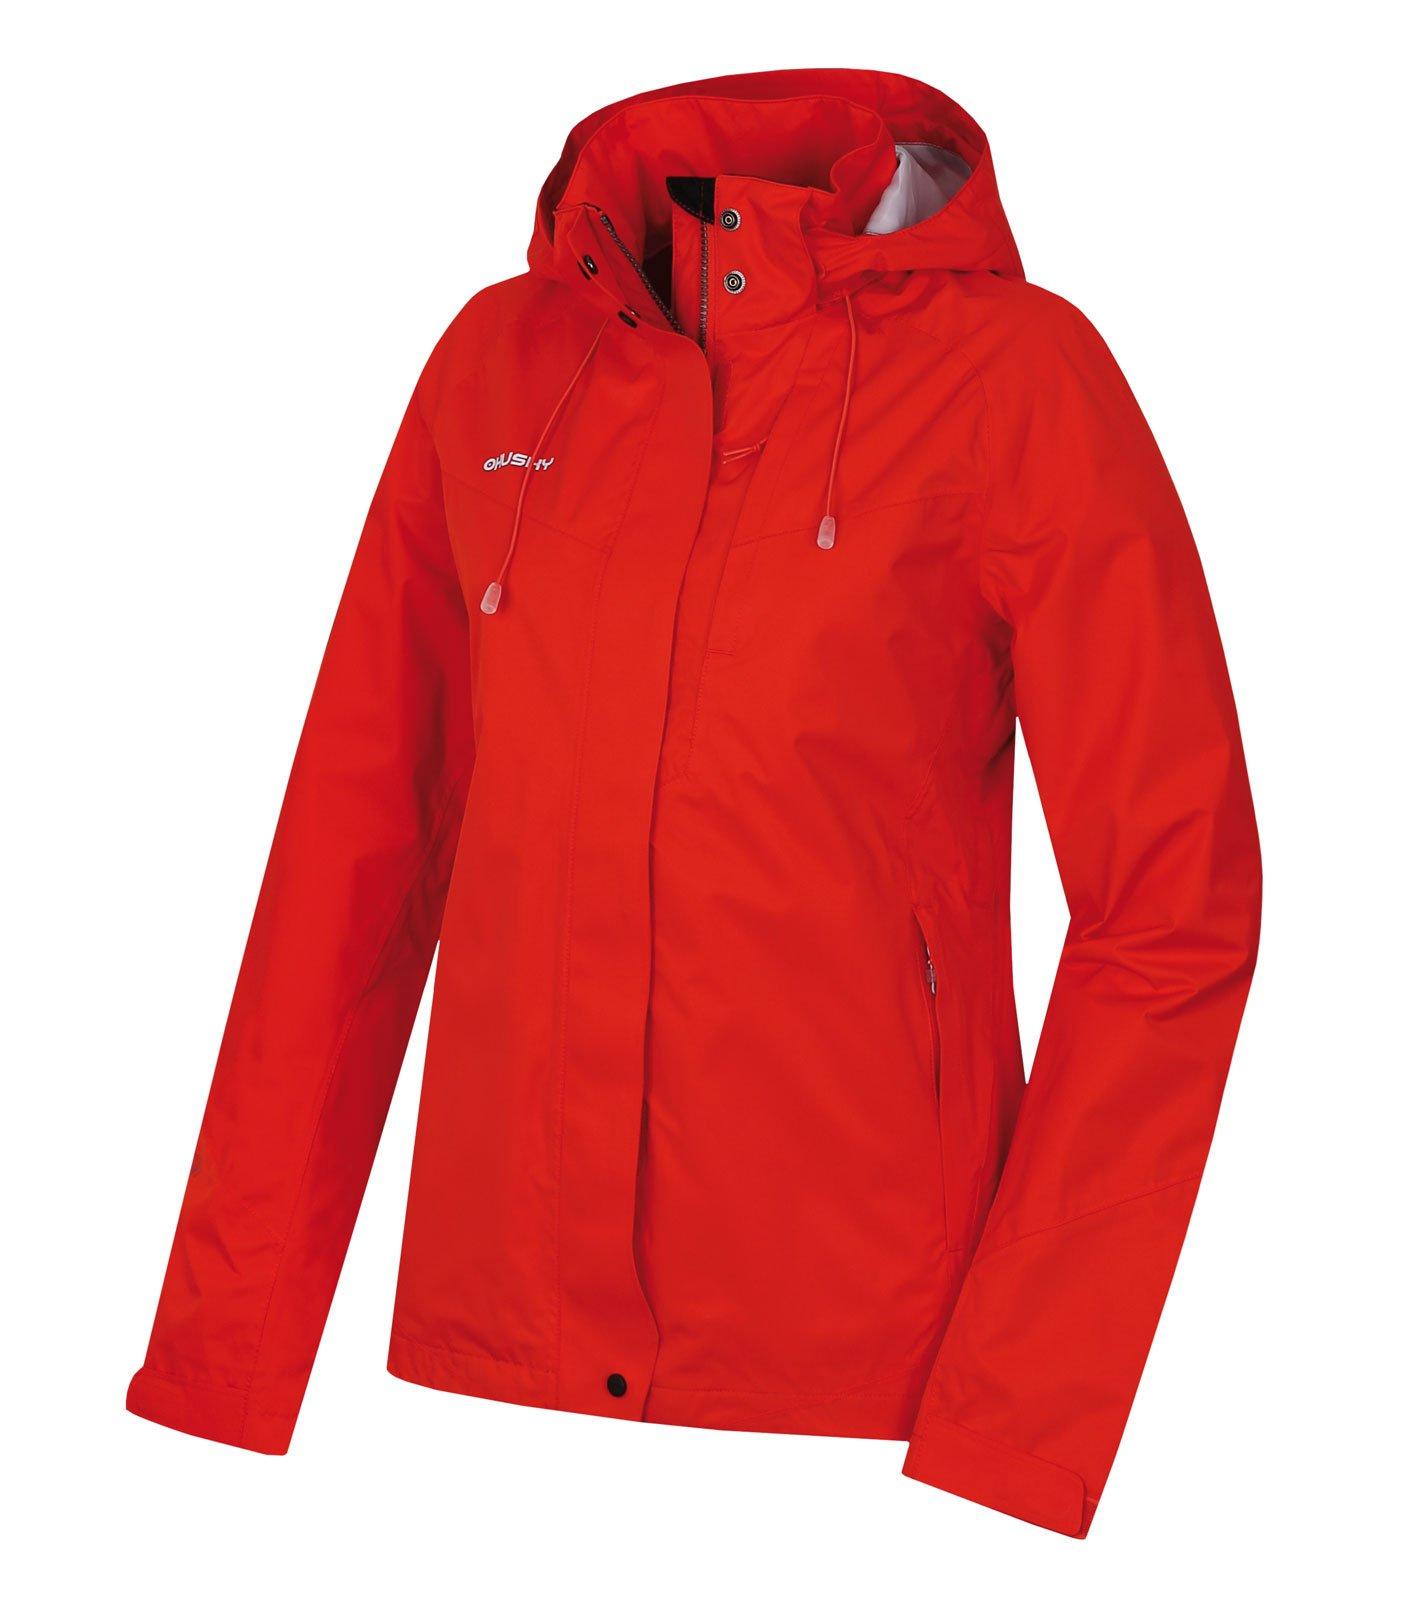 Husky Nutty L červená, XL Dámska hardshellová bunda